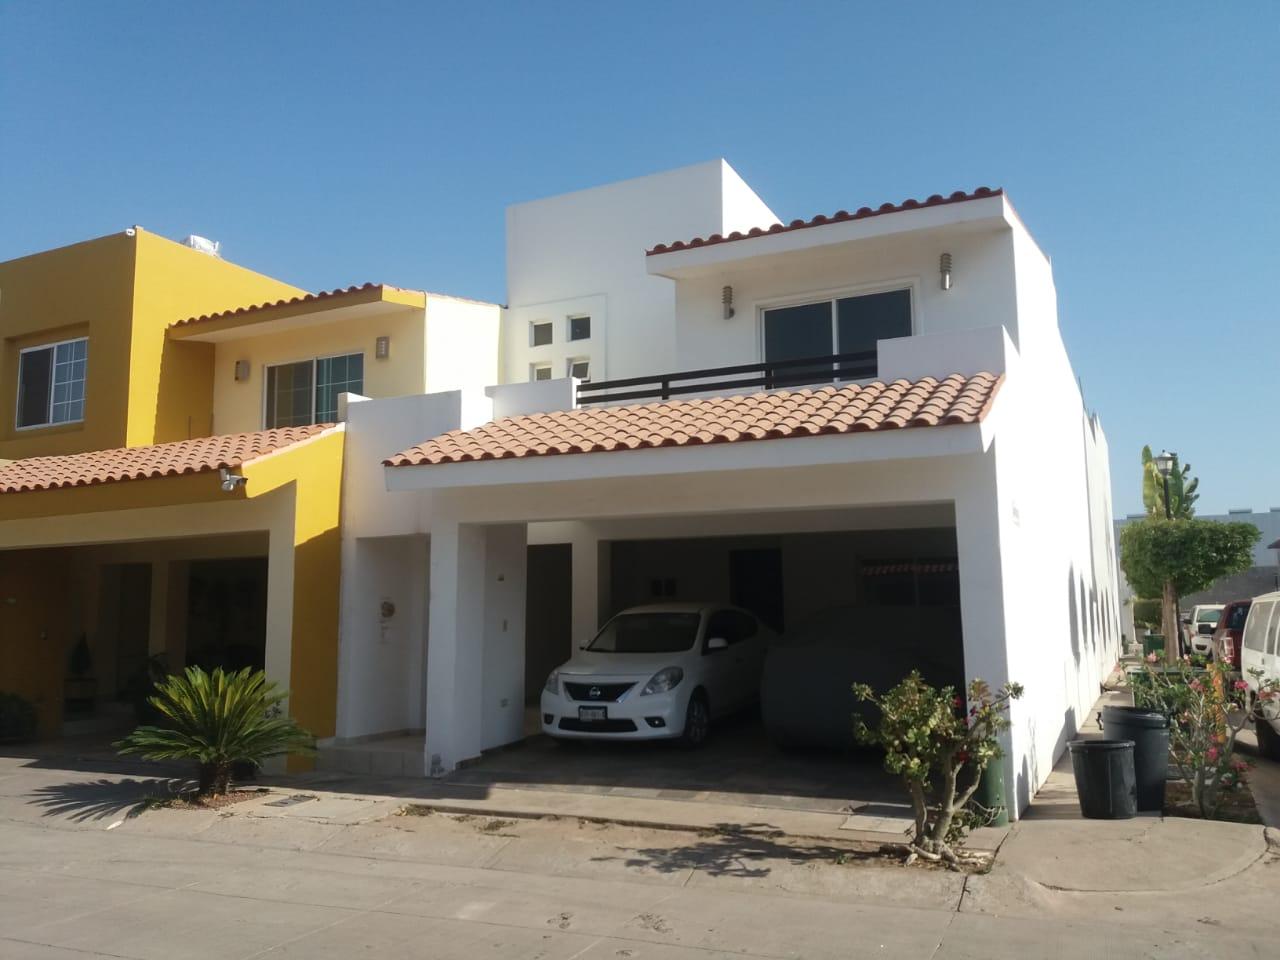 Casas en venta en Sinaloa - casasyterrenos.com